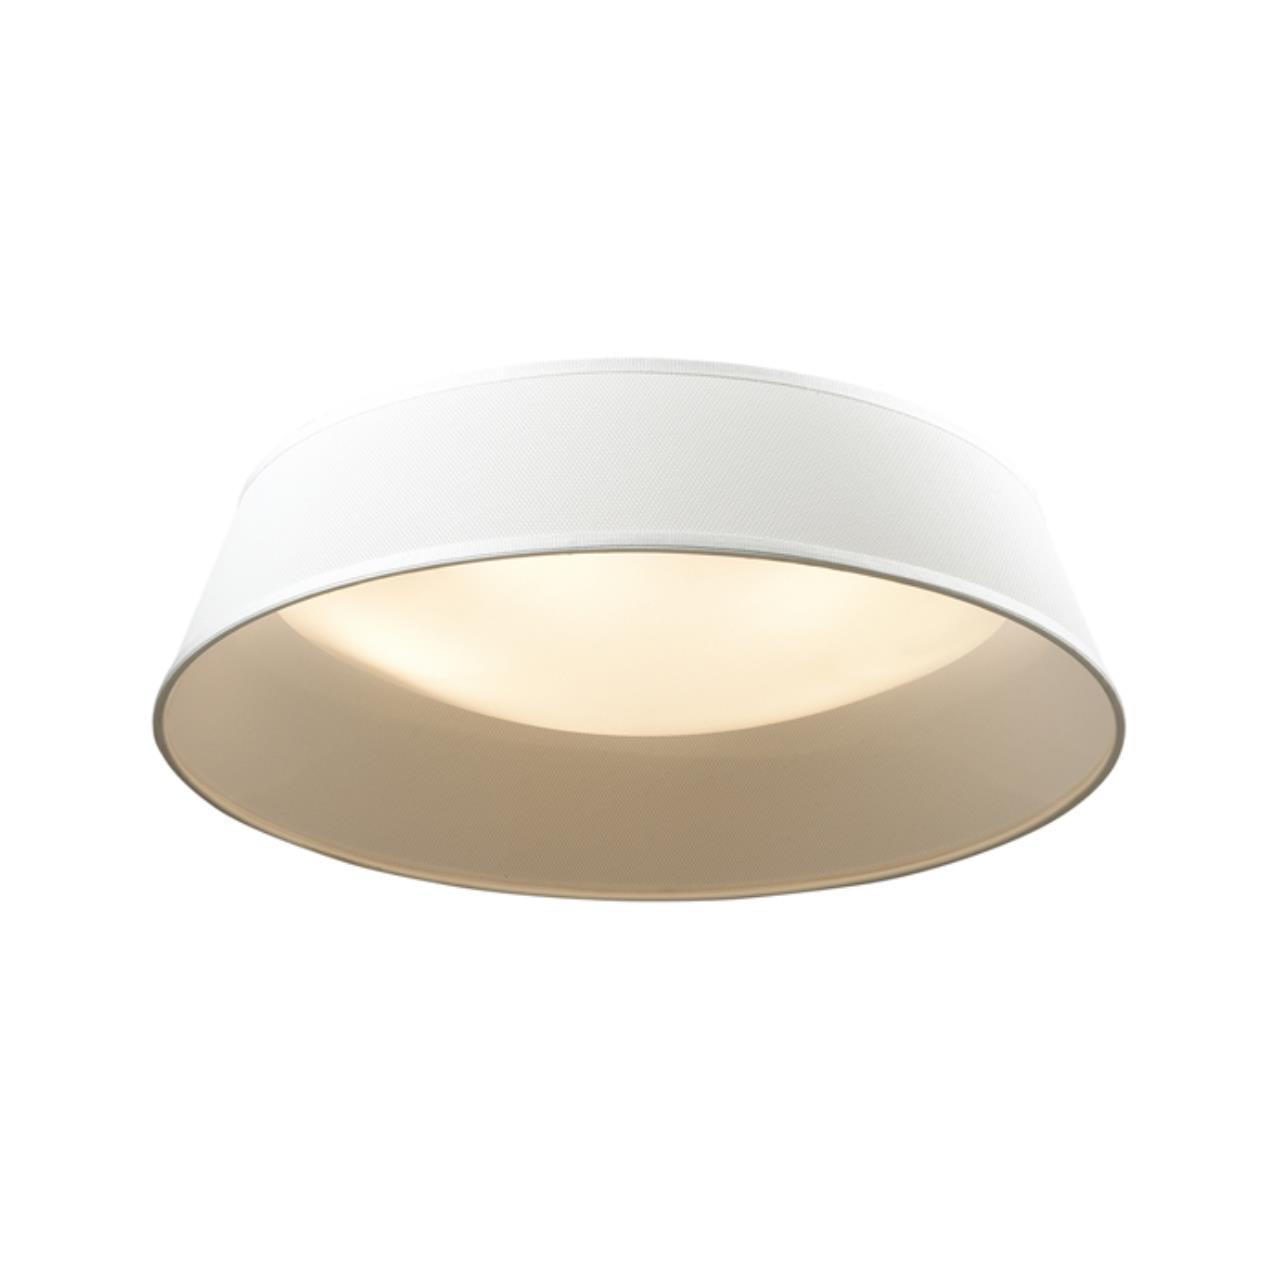 4157/5C MODERN ODL19 289 белый Потолочный светильник E27 5*15W SAPIA